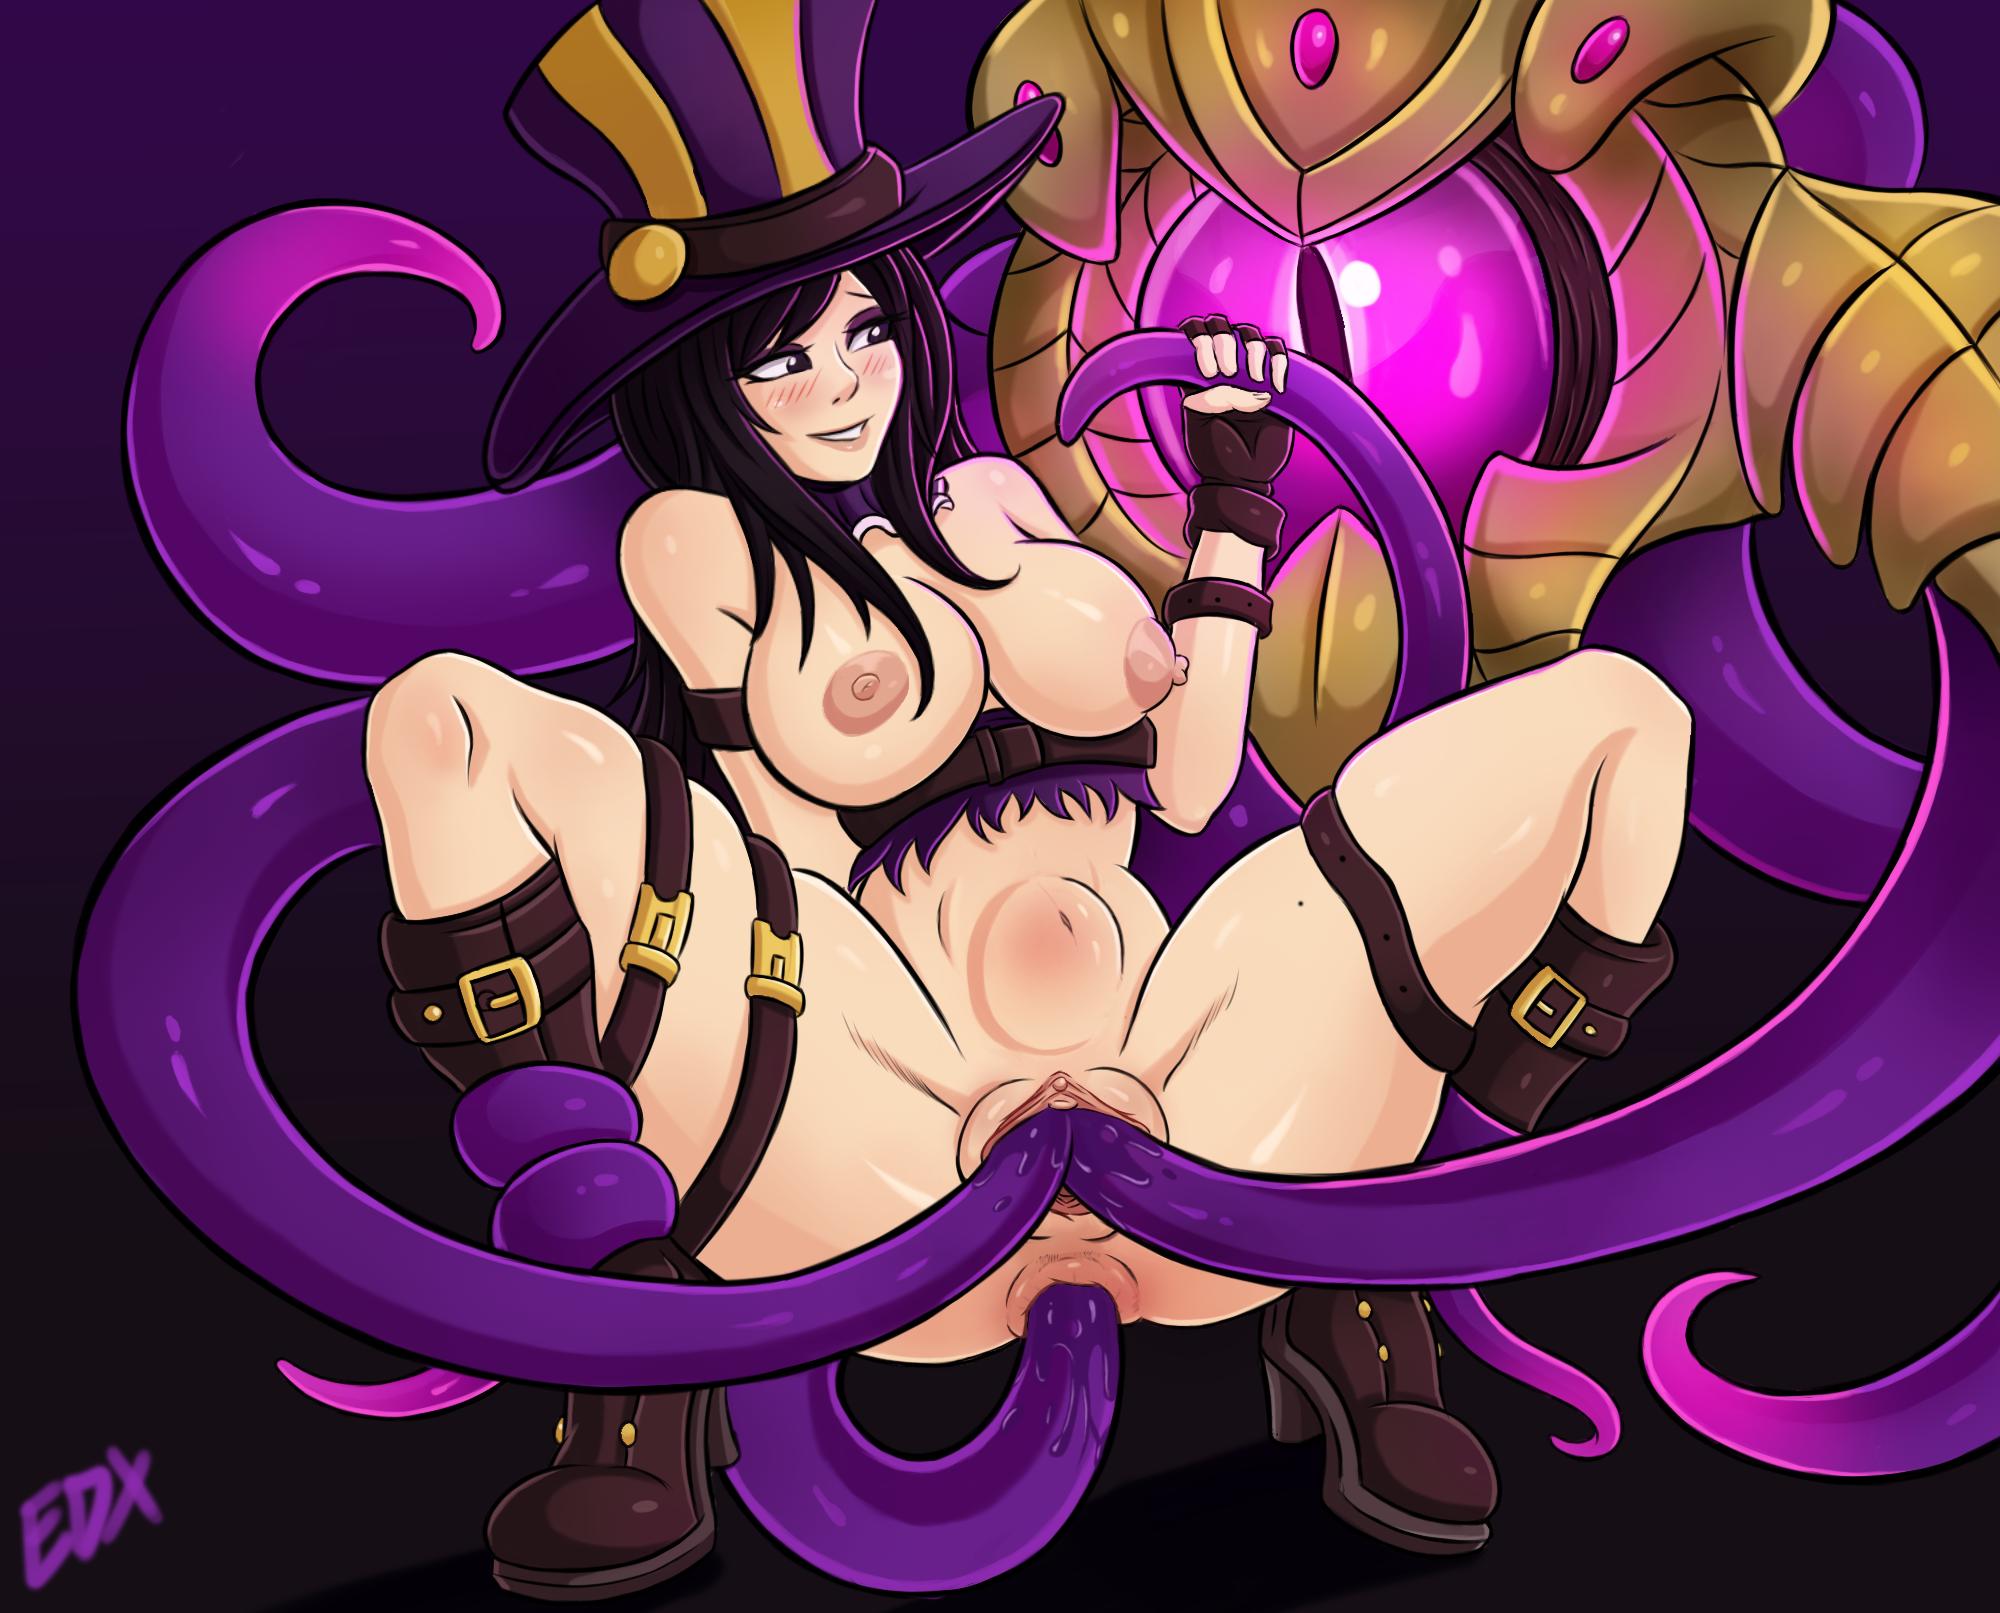 Caitlyn Loves Velkoz tentacle